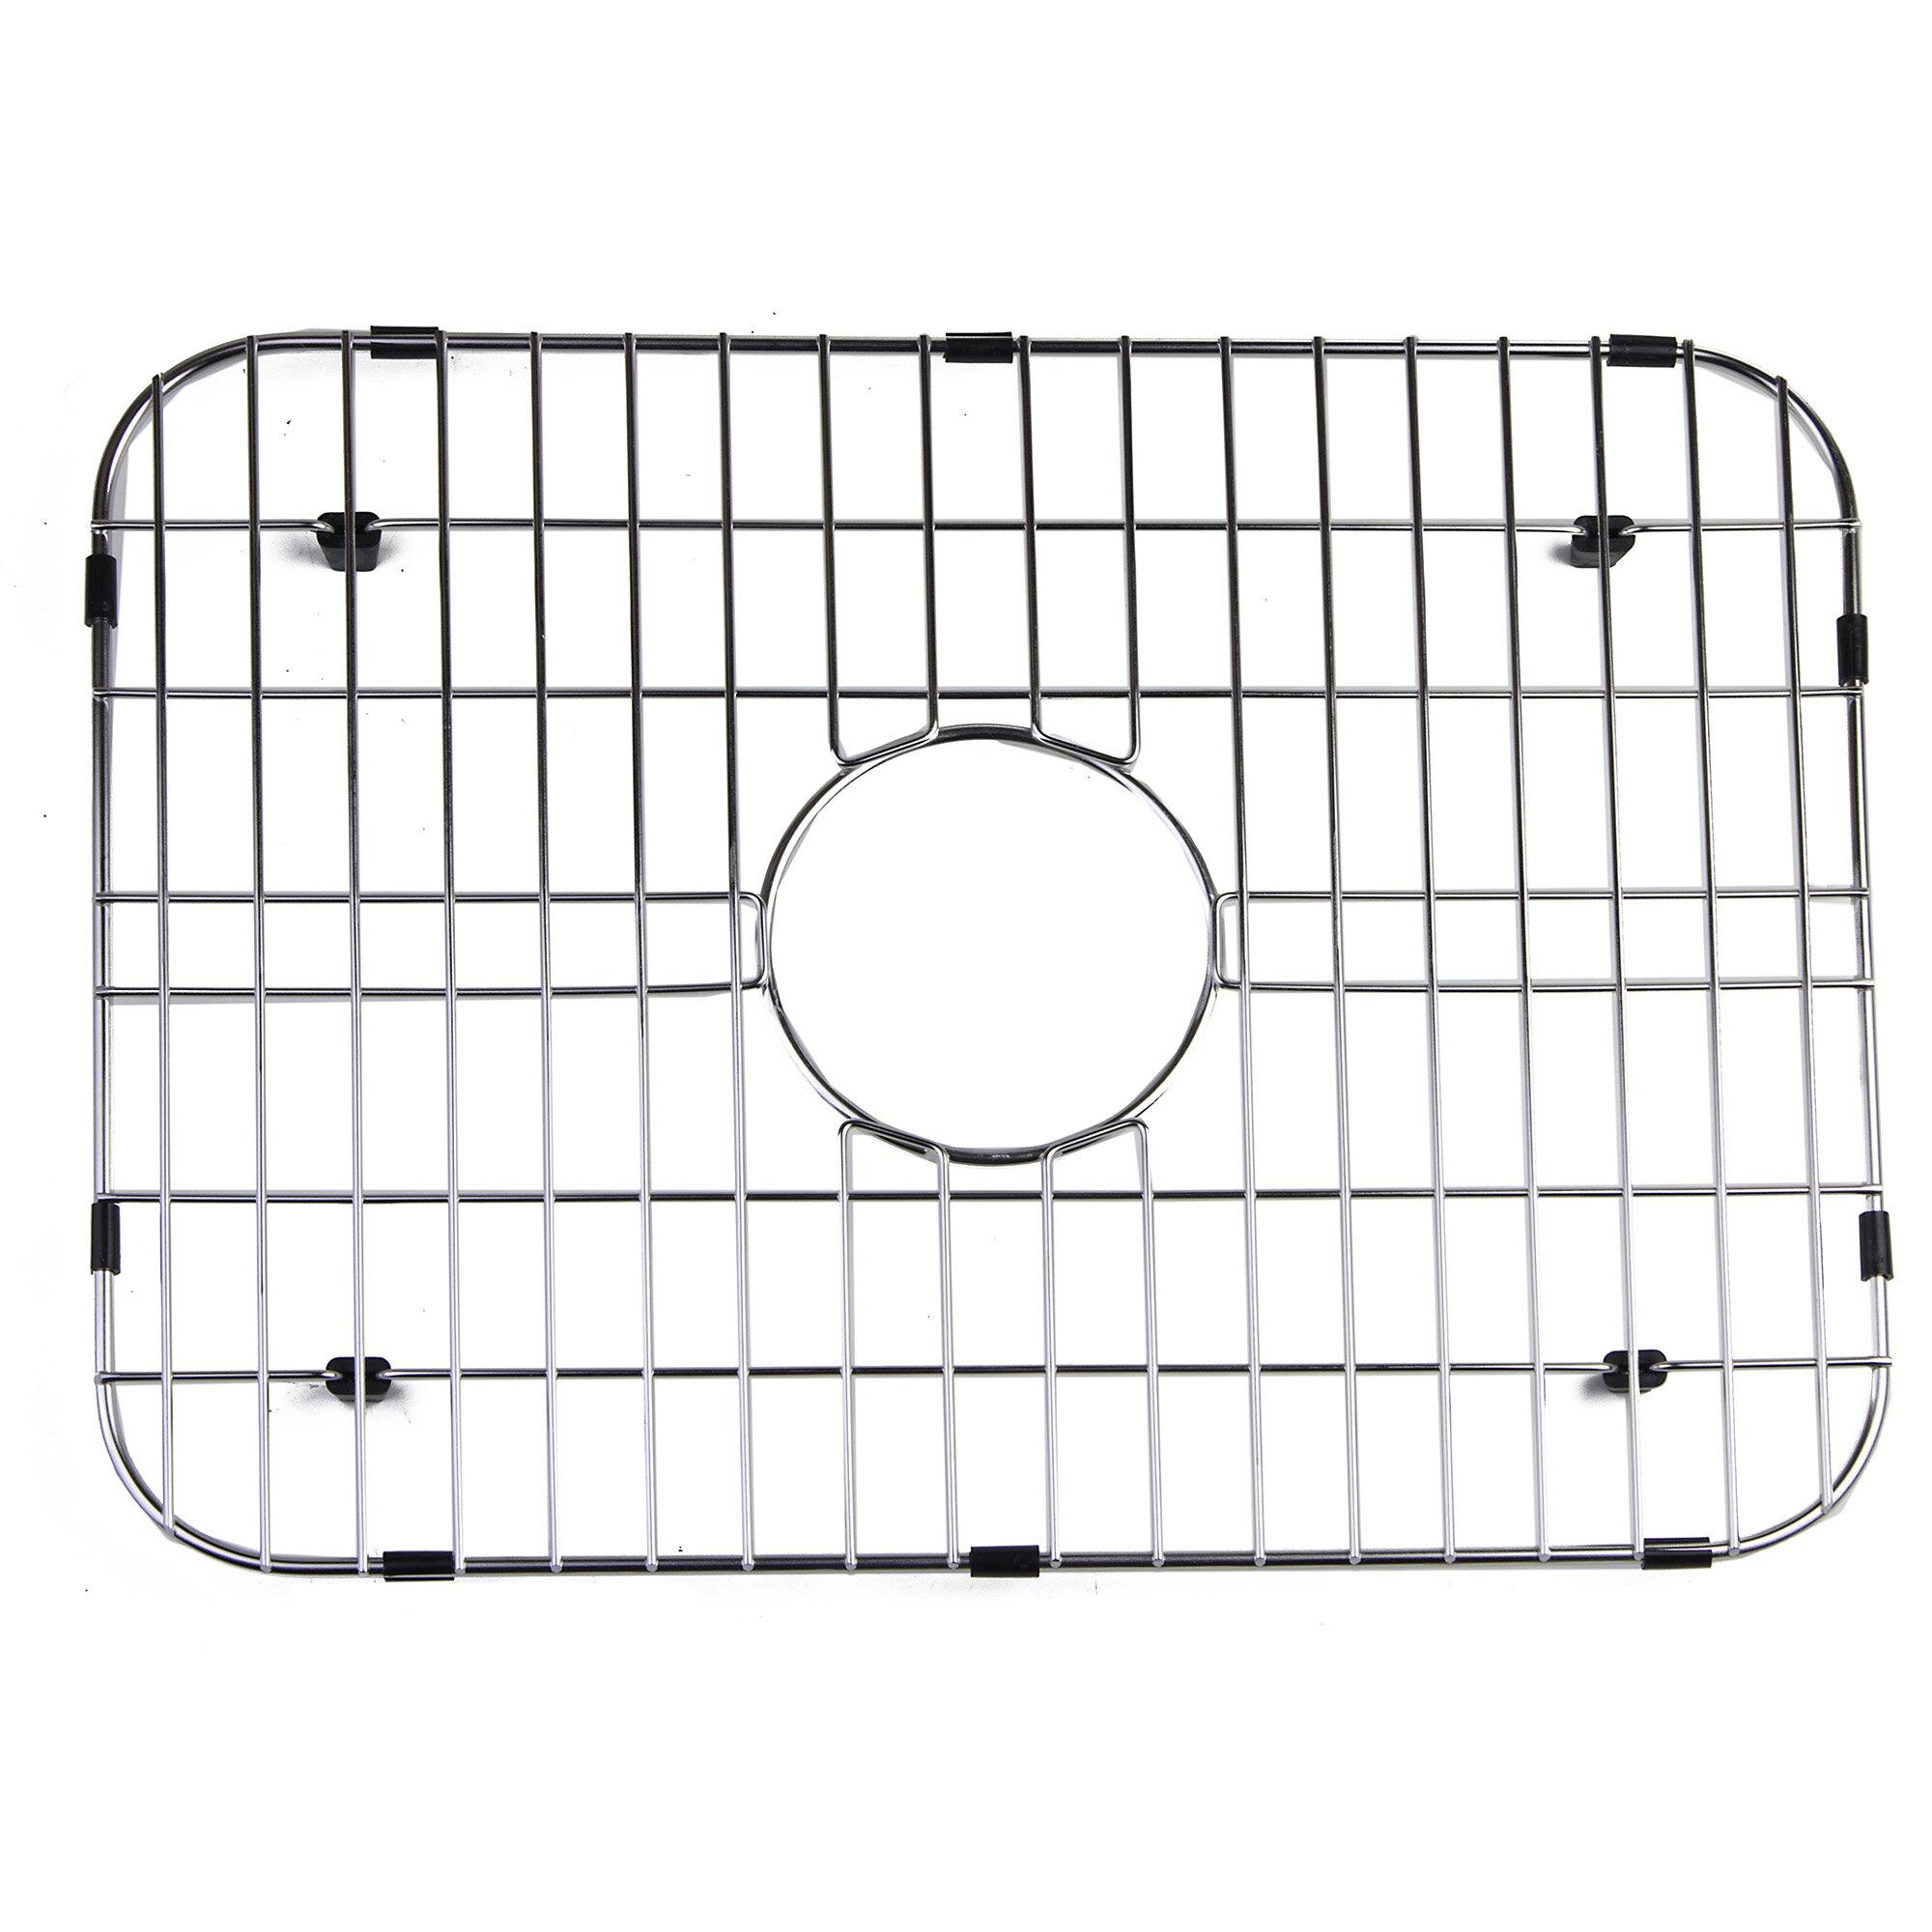 Kitchen Sink Grid: Alfi Brand Solid Stainless Steel Kitchen Sink Grid